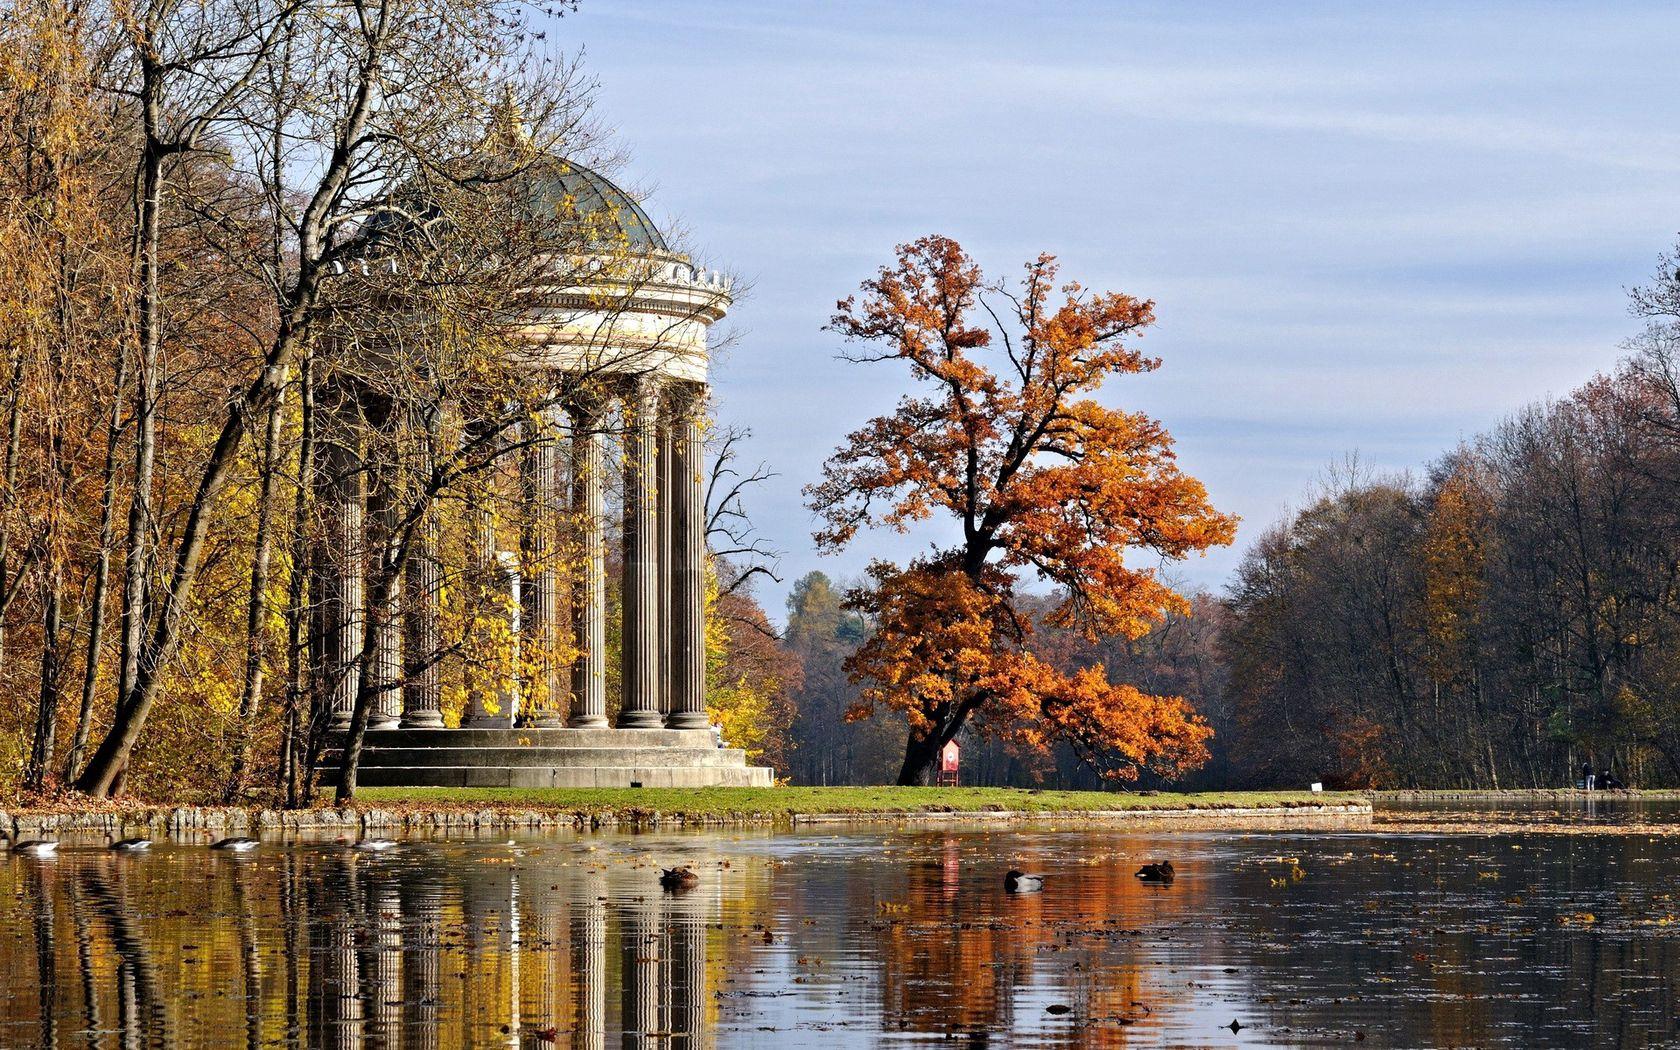 57736壁紙のダウンロード自然, アルコーブ, 亭, 列, コラム, 公園, 秋, 木材, 木, 池-スクリーンセーバーと写真を無料で